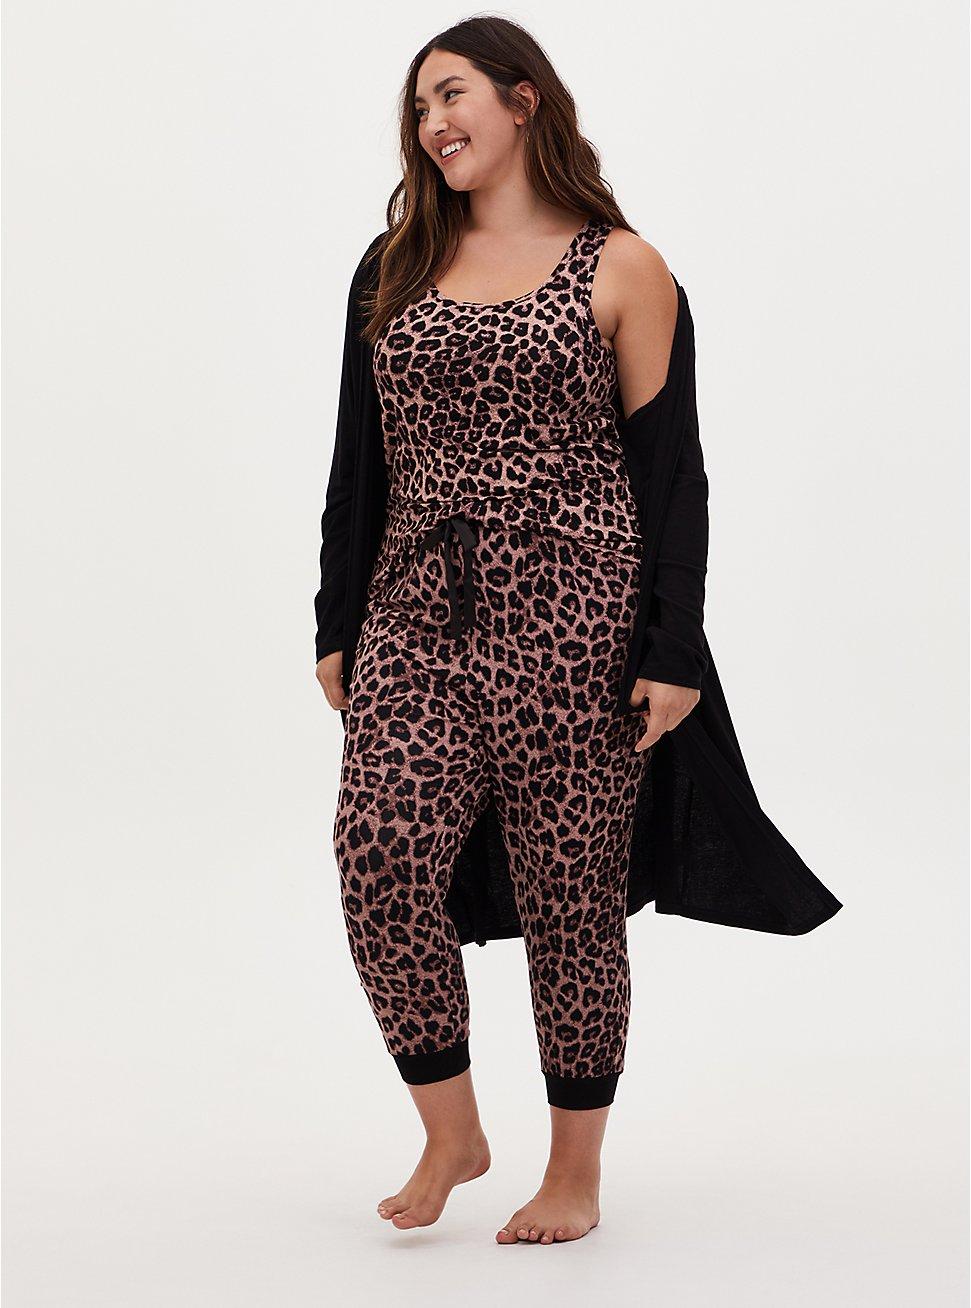 Super Soft Leopard Drawstring Crop Sleep Jogger, , hi-res